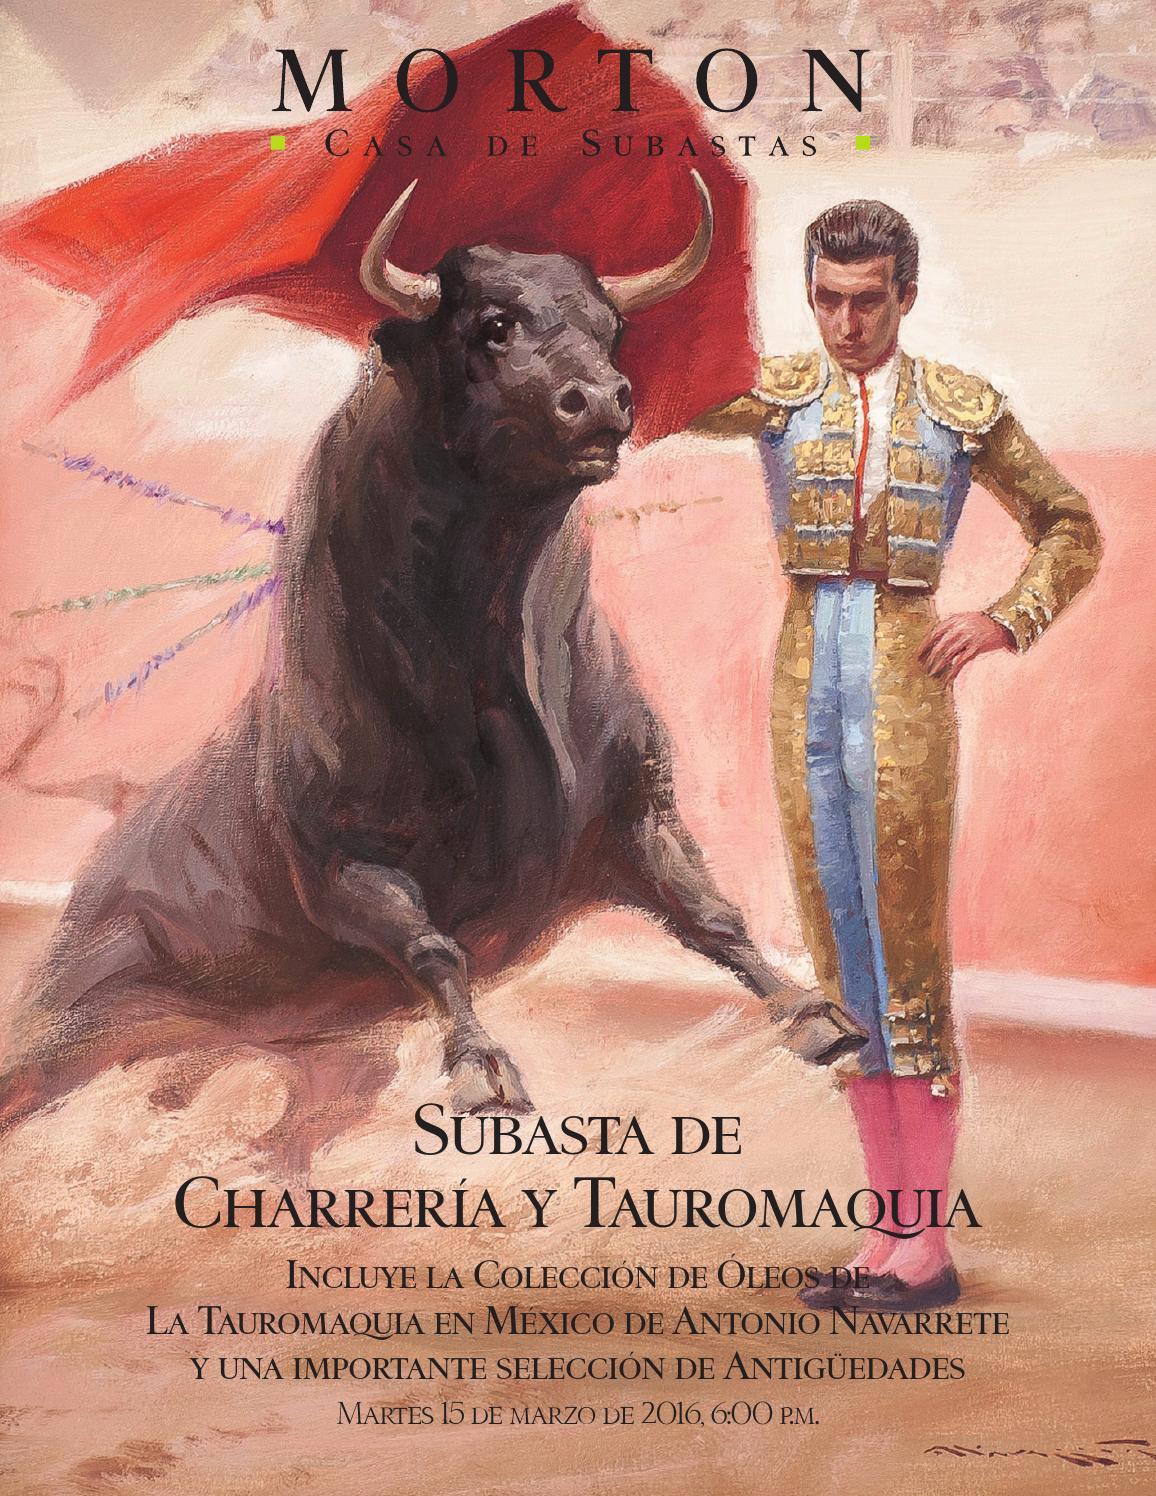 8cabbcaf18dc8 Subasta de Charrería y Tauromaquia by Morton Subastas - issuu